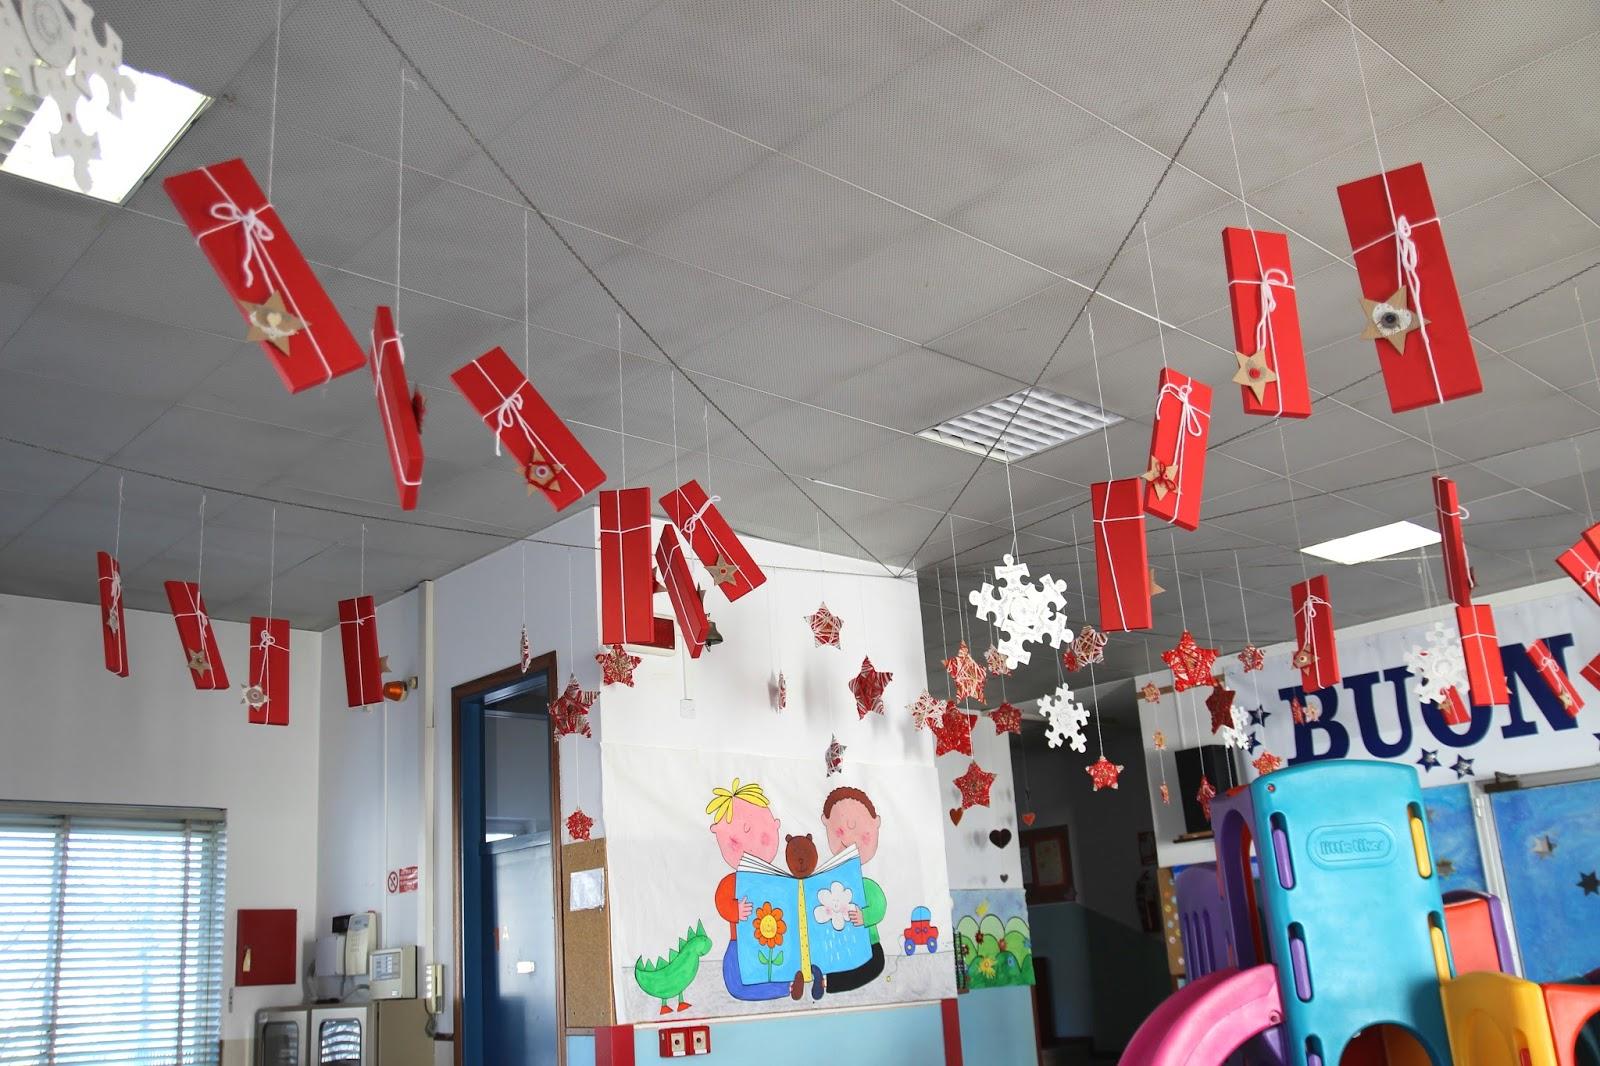 Decorazioni Di Natale Scuola Materna : Natale presepi e addobbi natalizi nella scuola primaria